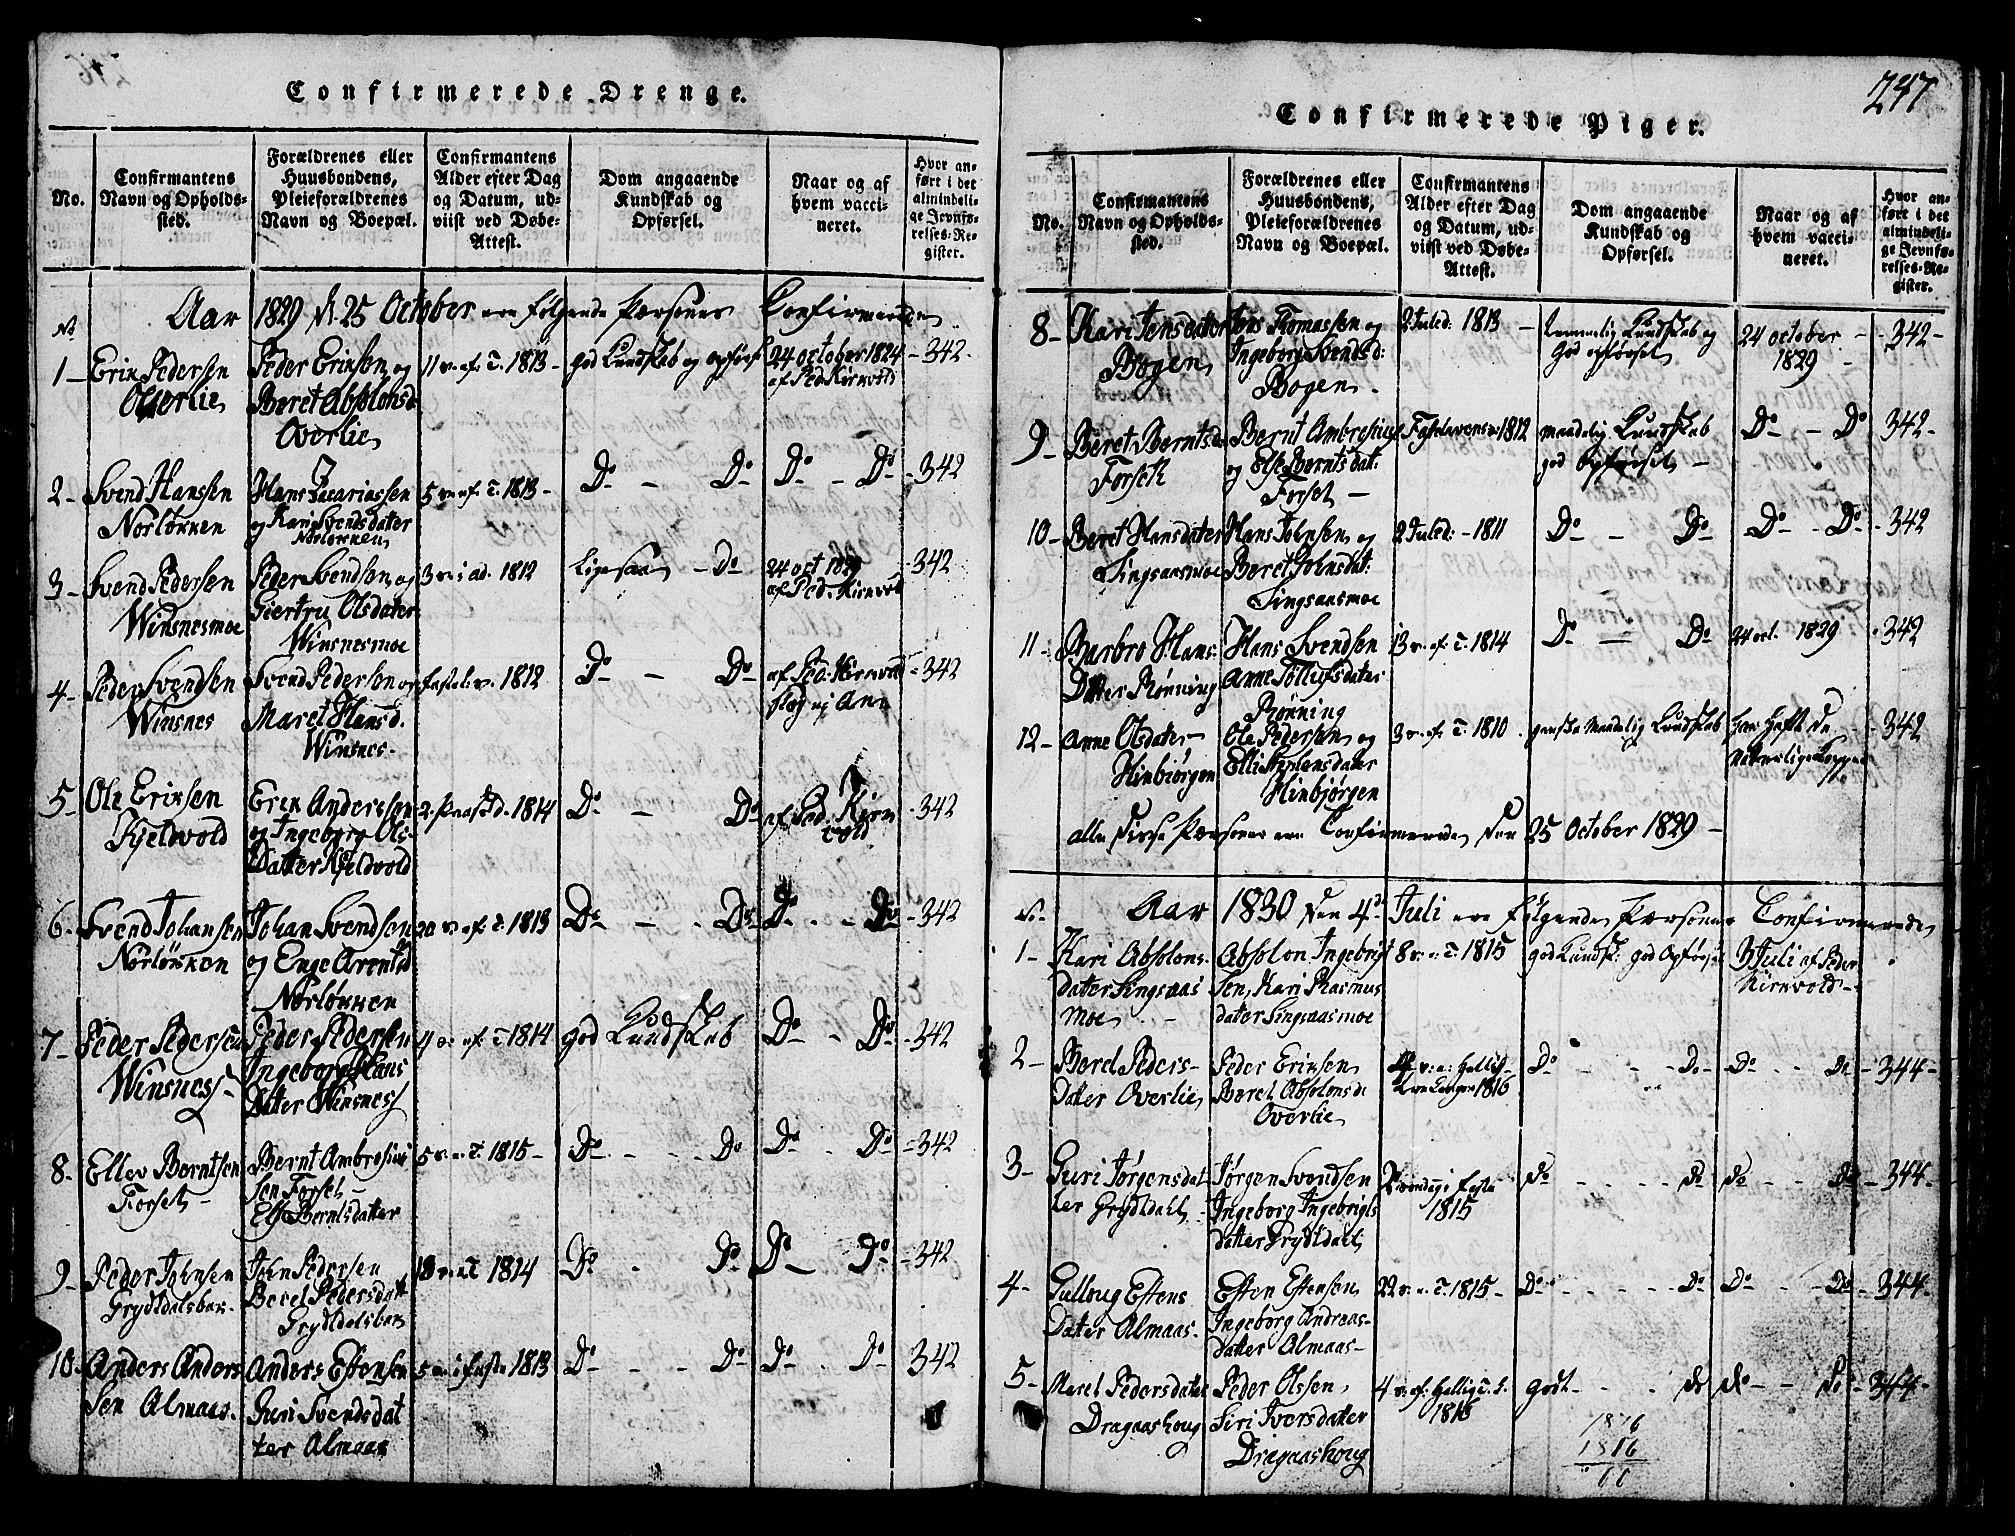 SAT, Ministerialprotokoller, klokkerbøker og fødselsregistre - Sør-Trøndelag, 688/L1026: Klokkerbok nr. 688C01, 1817-1860, s. 247